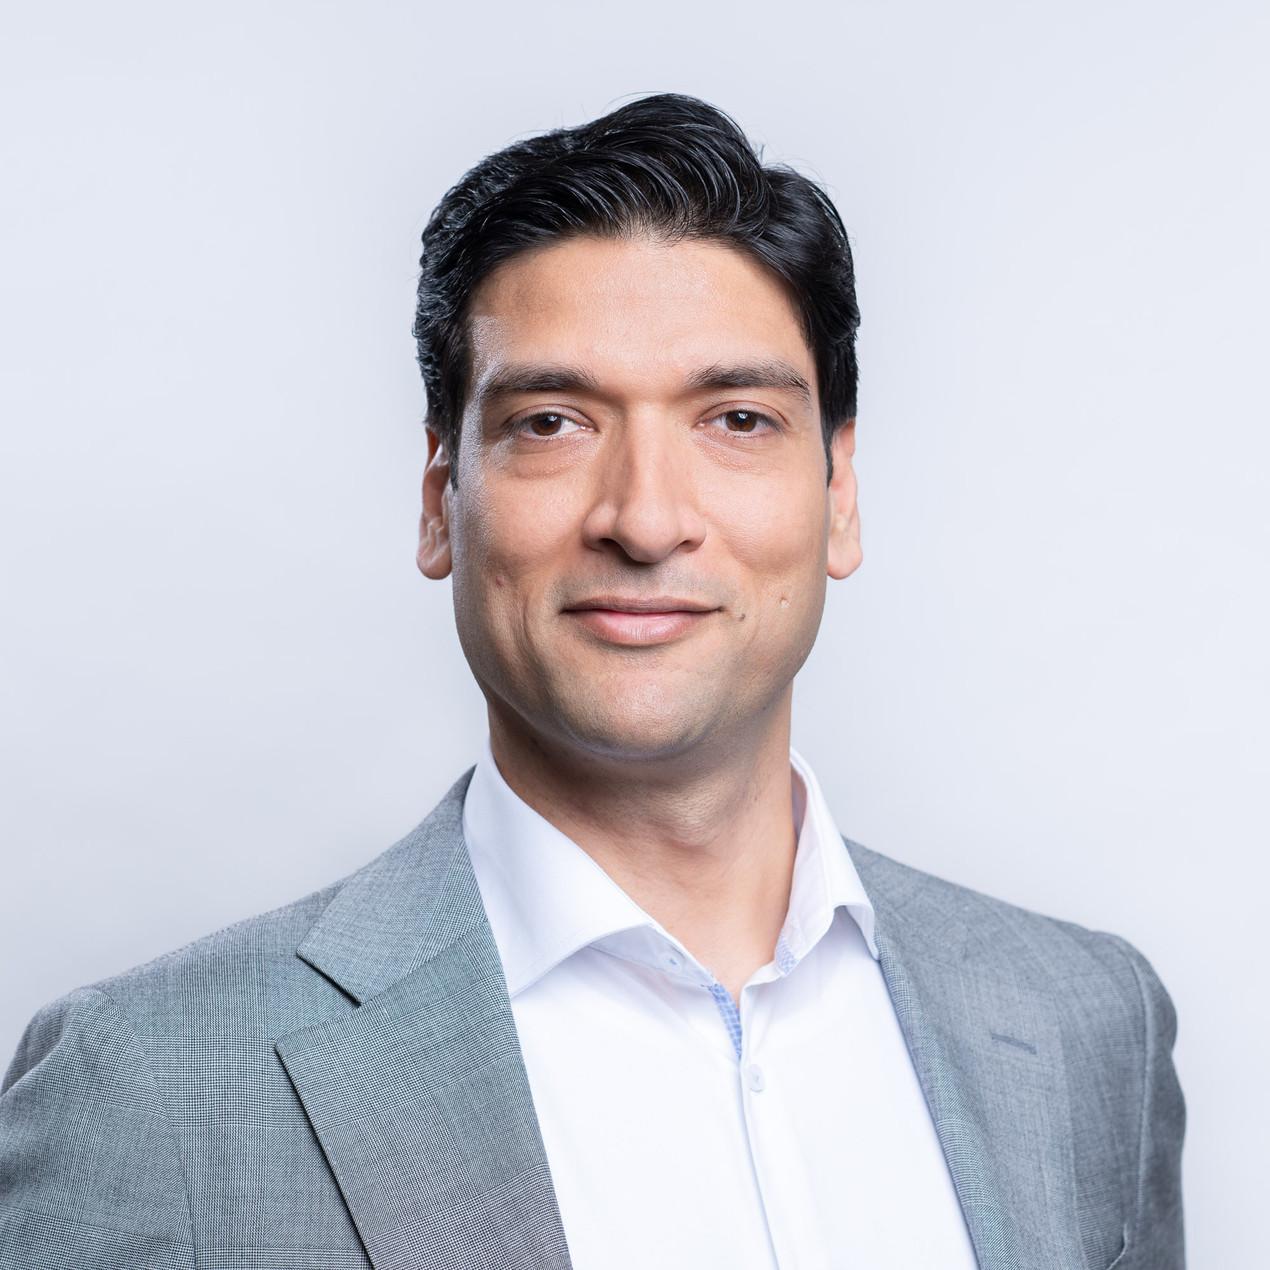 Rahul Kaushik, CEO